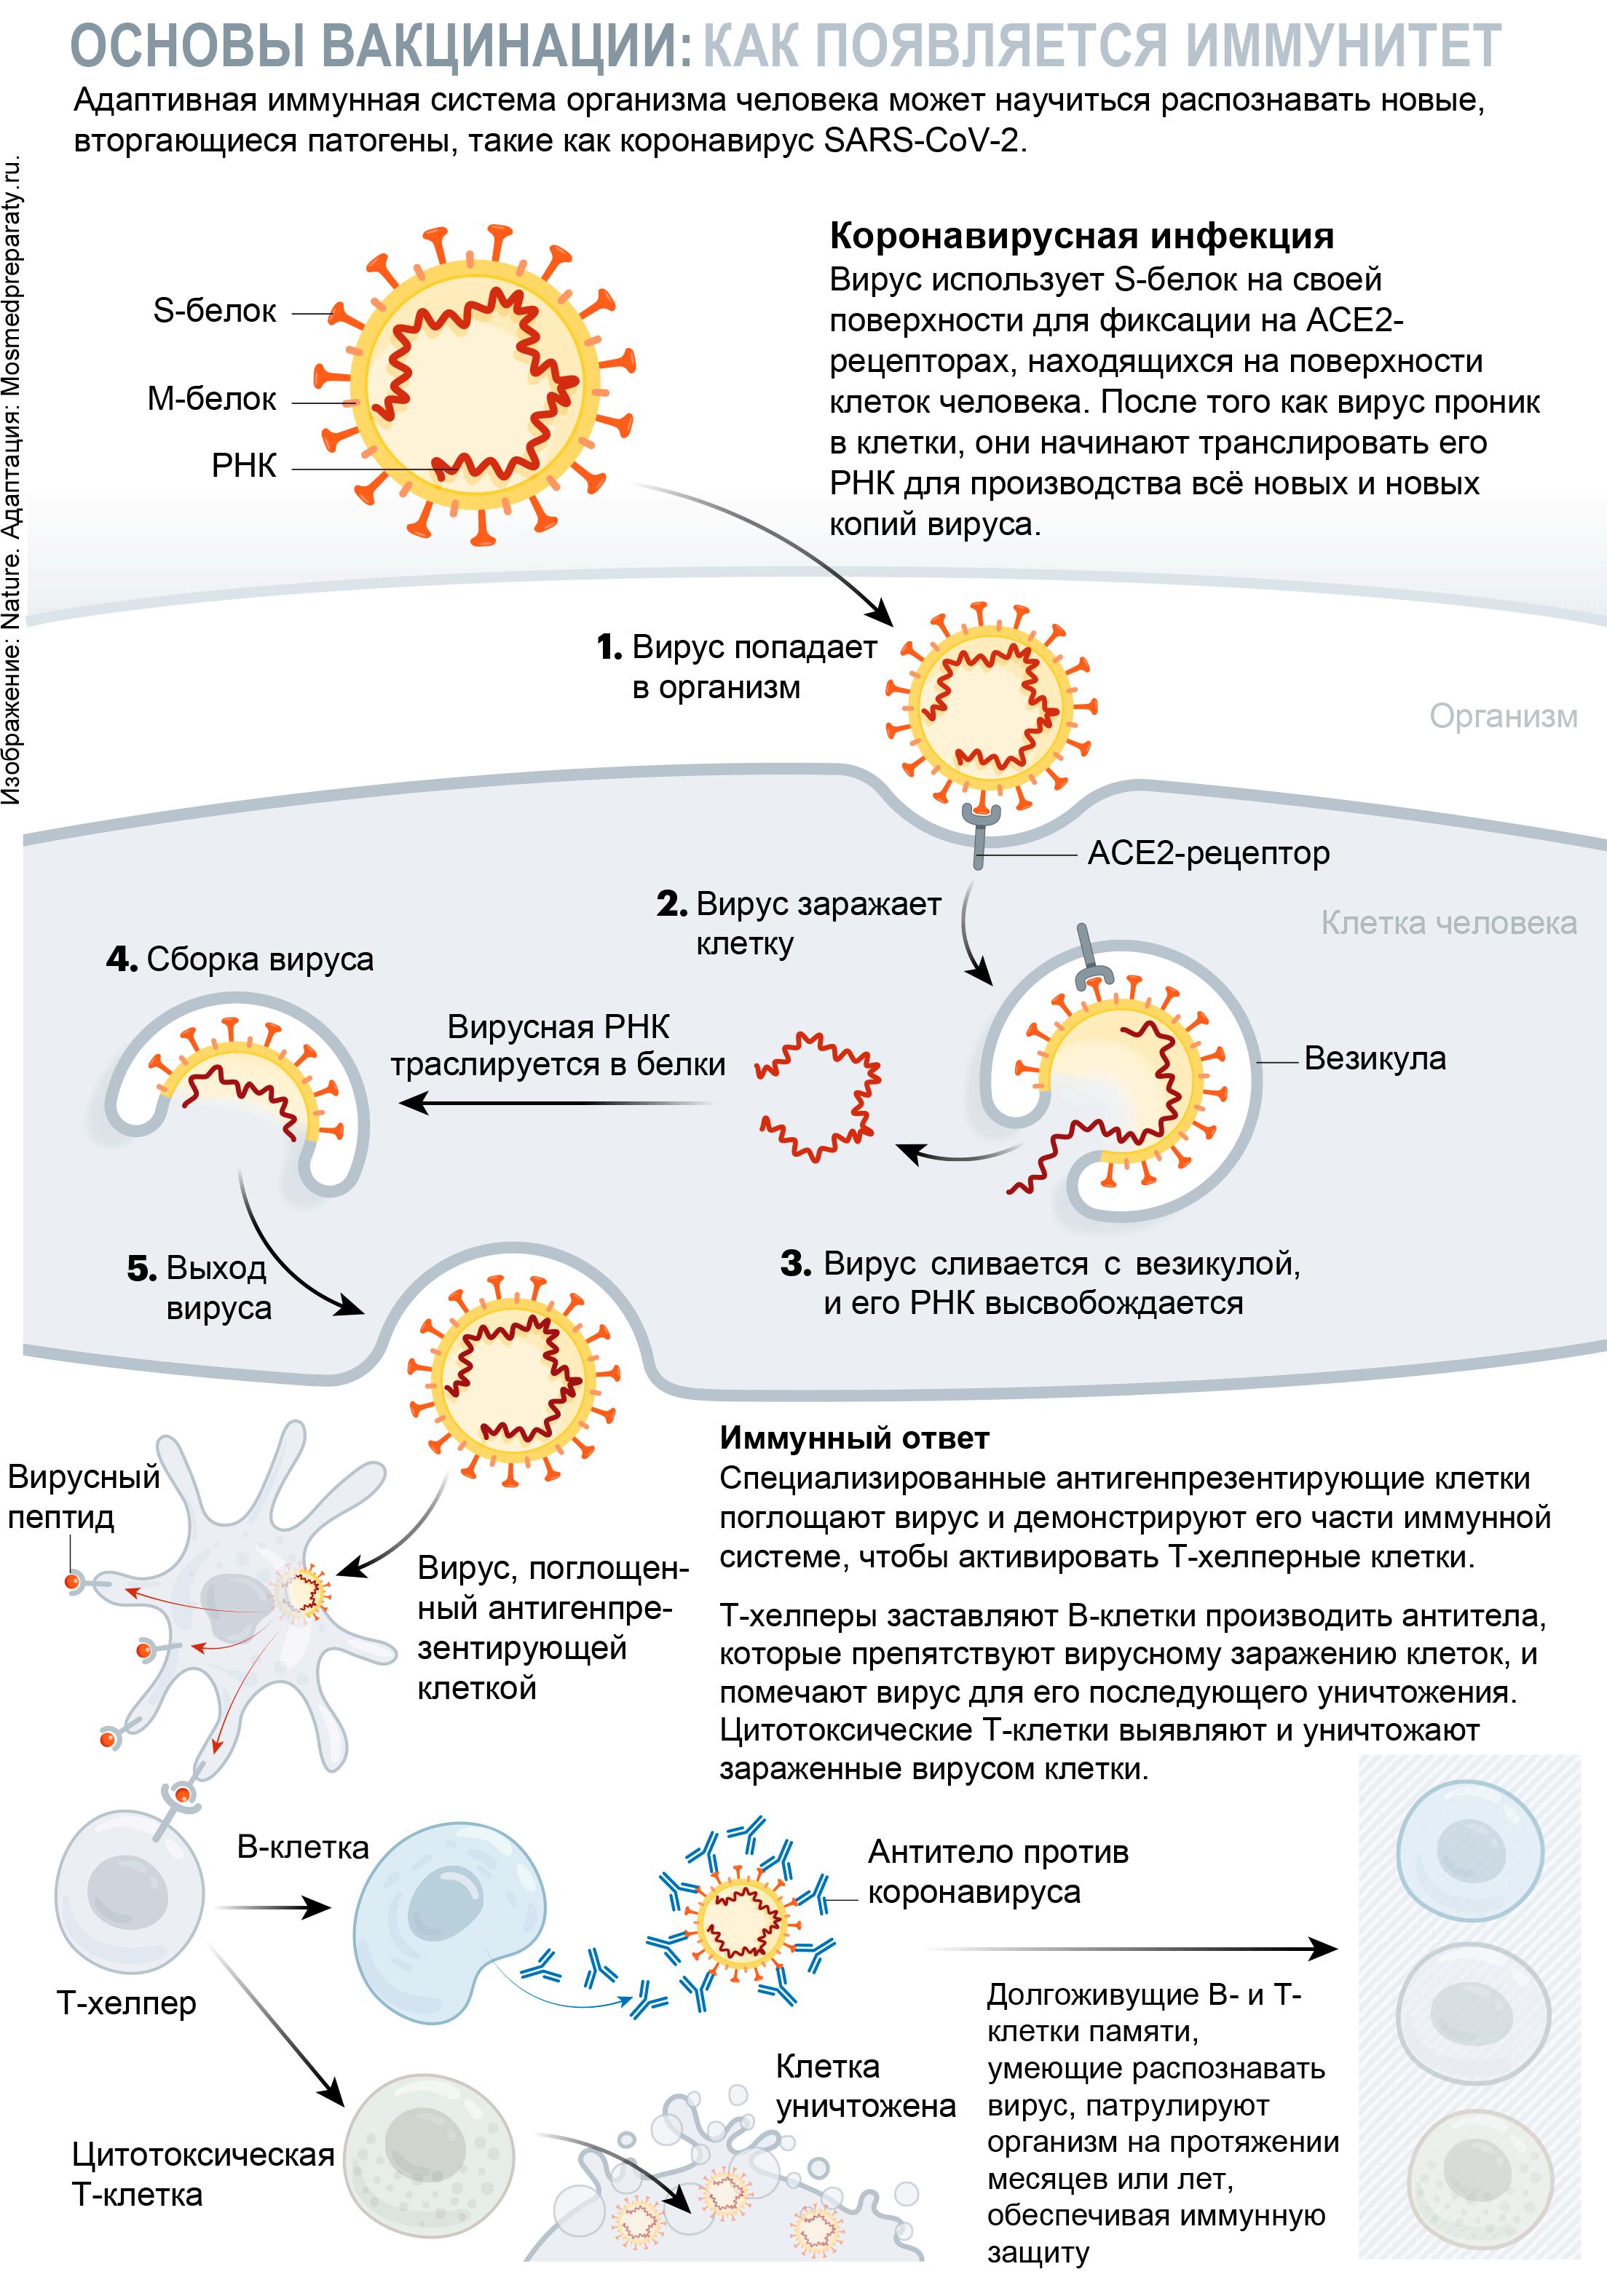 immunity developed - Коронавирус. Вакцины. Pfizer и BioNTech: первая реальная победа над ковидом! [Обновлено]